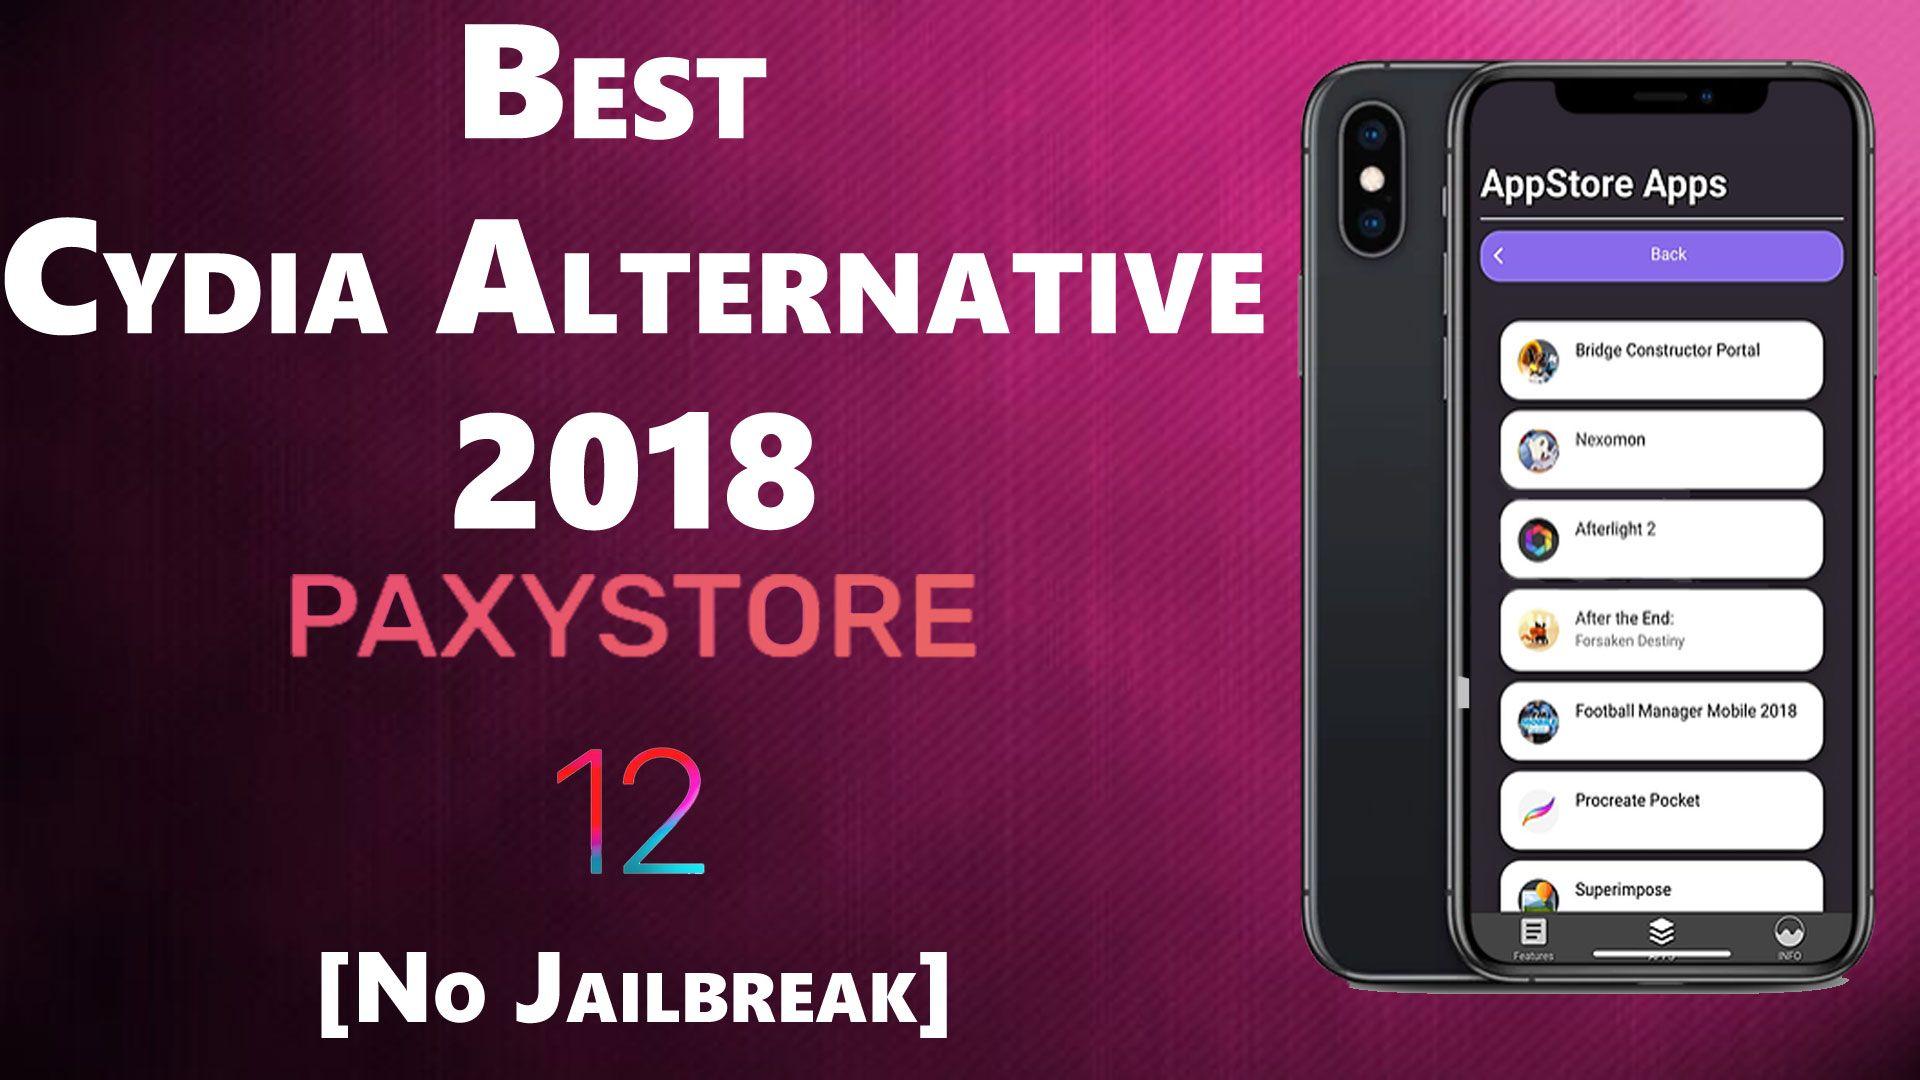 Best cydia alternative 2018 get it on ios 12 no